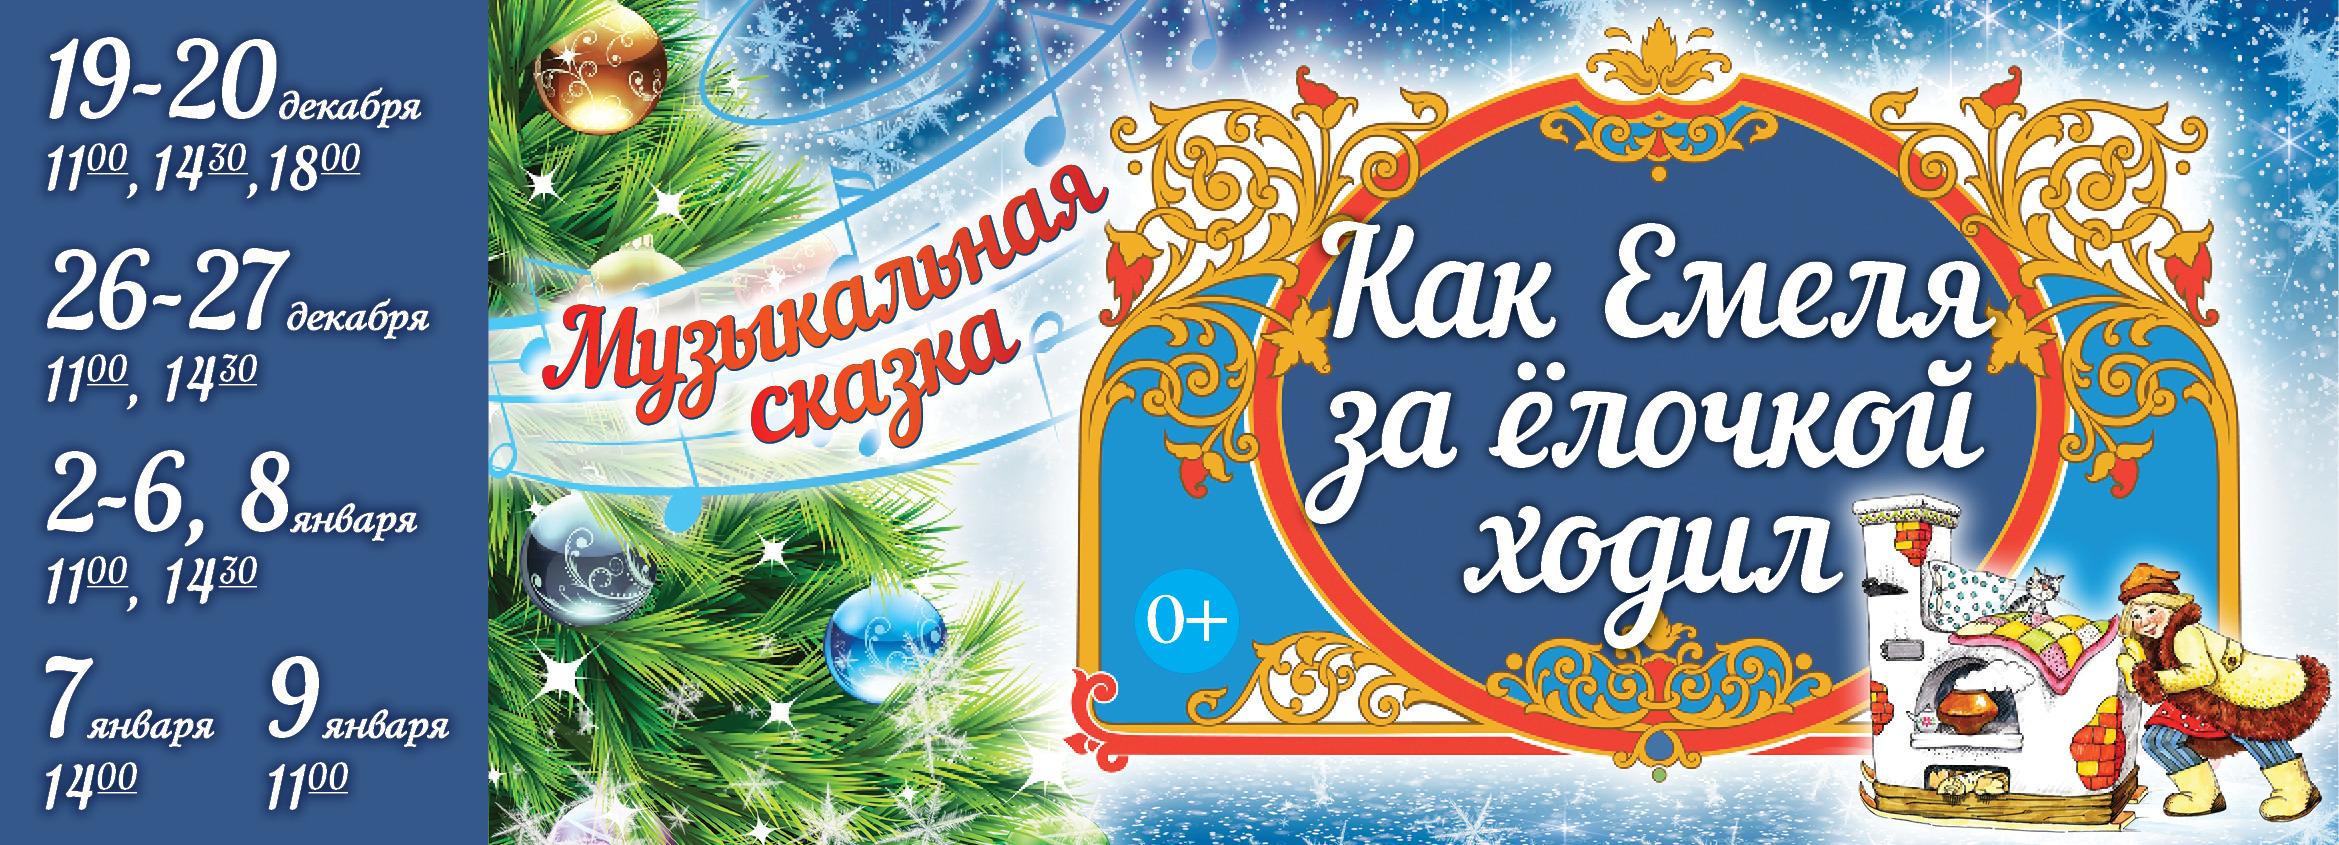 Тверская филармония приглашает на новогодние музыкальные представления